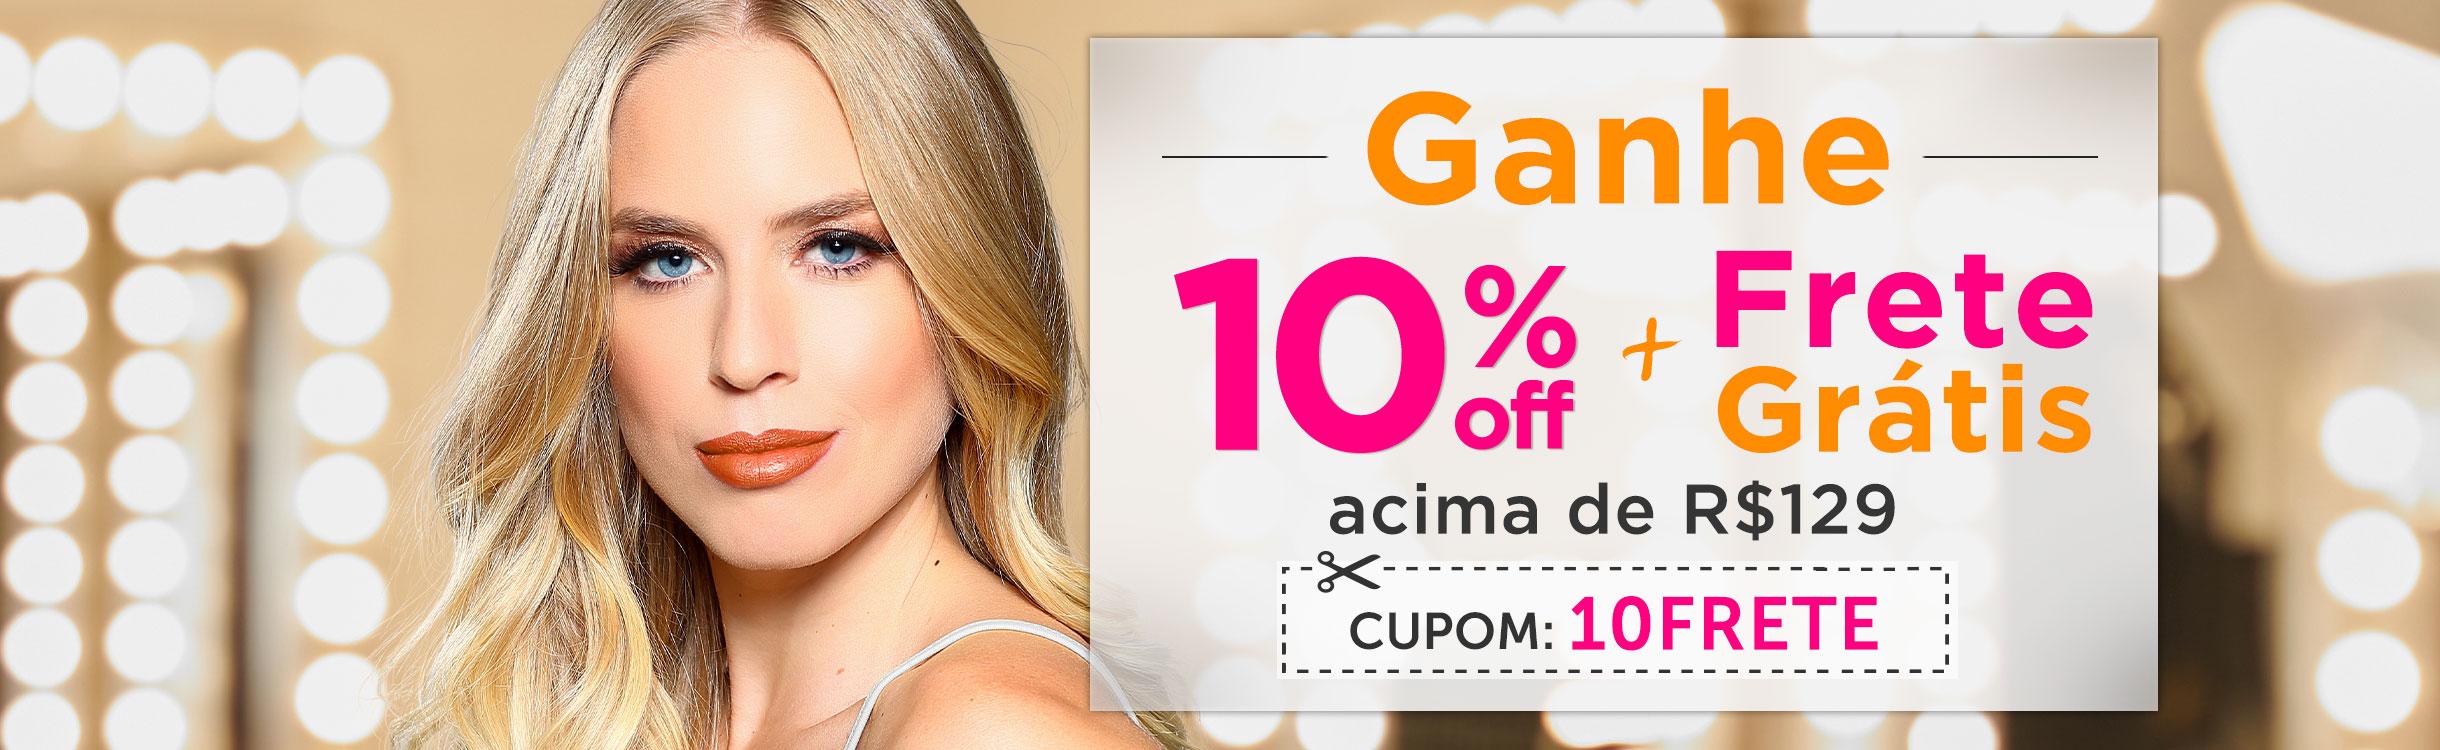 10% OFF Extra + Frete Grátis